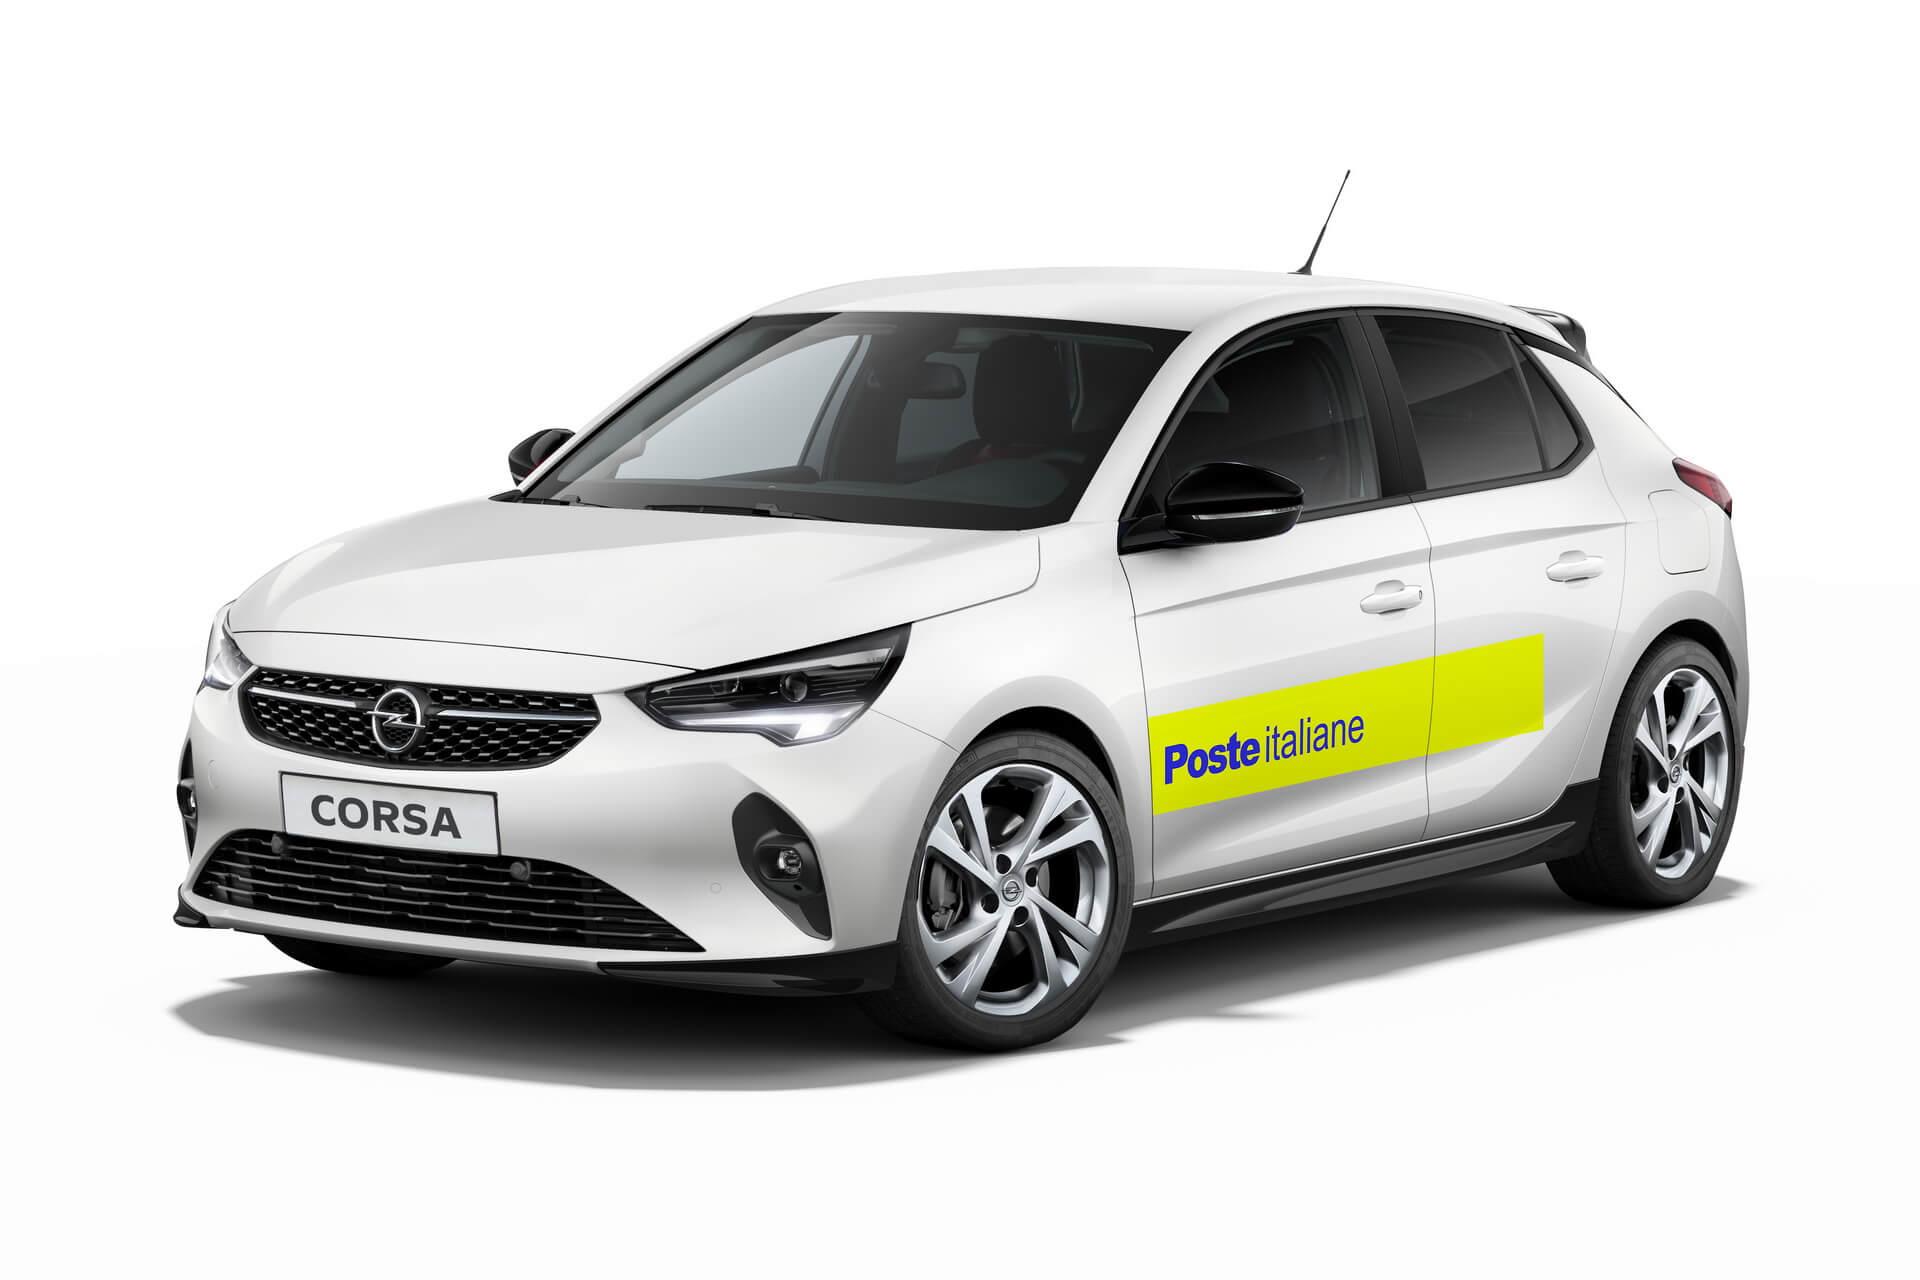 Opel поставит более 1700 Corsa-e для итальянского оператора почтовой связи